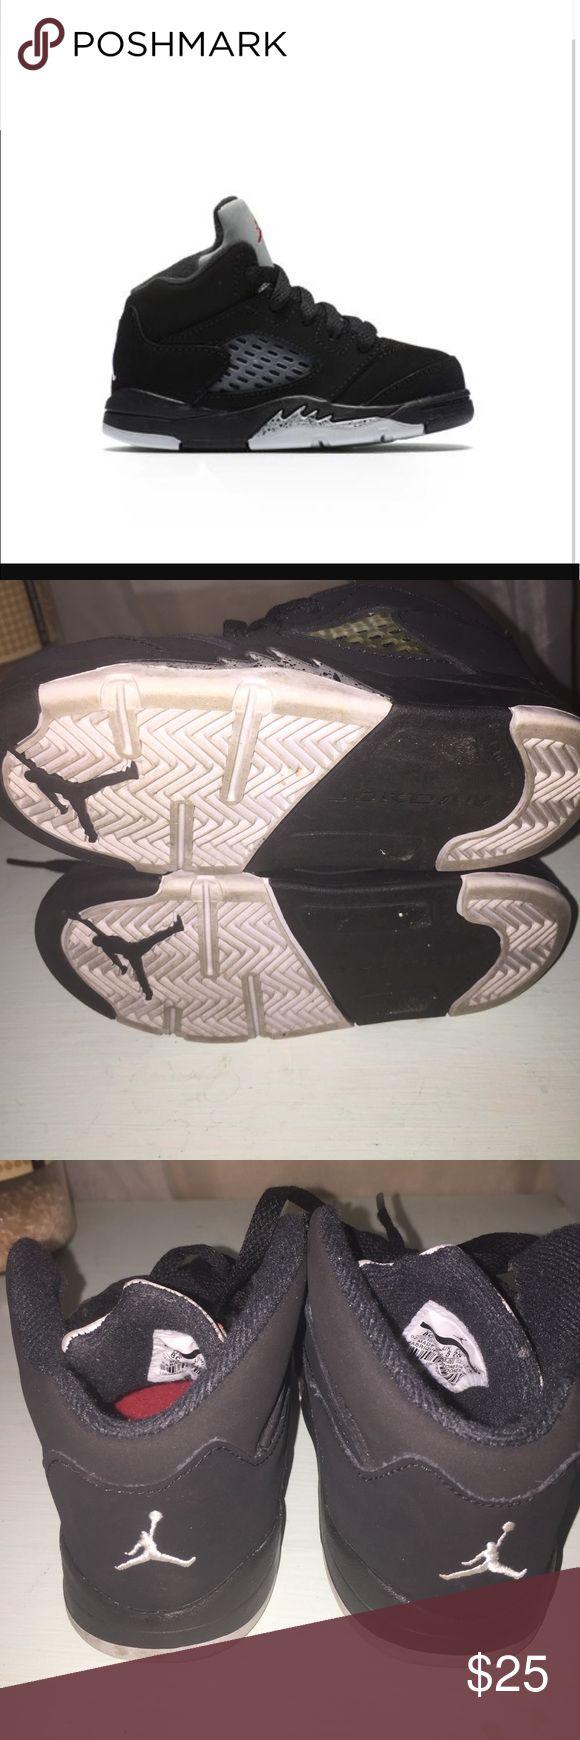 Toddler Retro Jordan 5 Silver & Black Great condition Retro Jordan toddler 5 black and silver Nike Shoes Sneakers